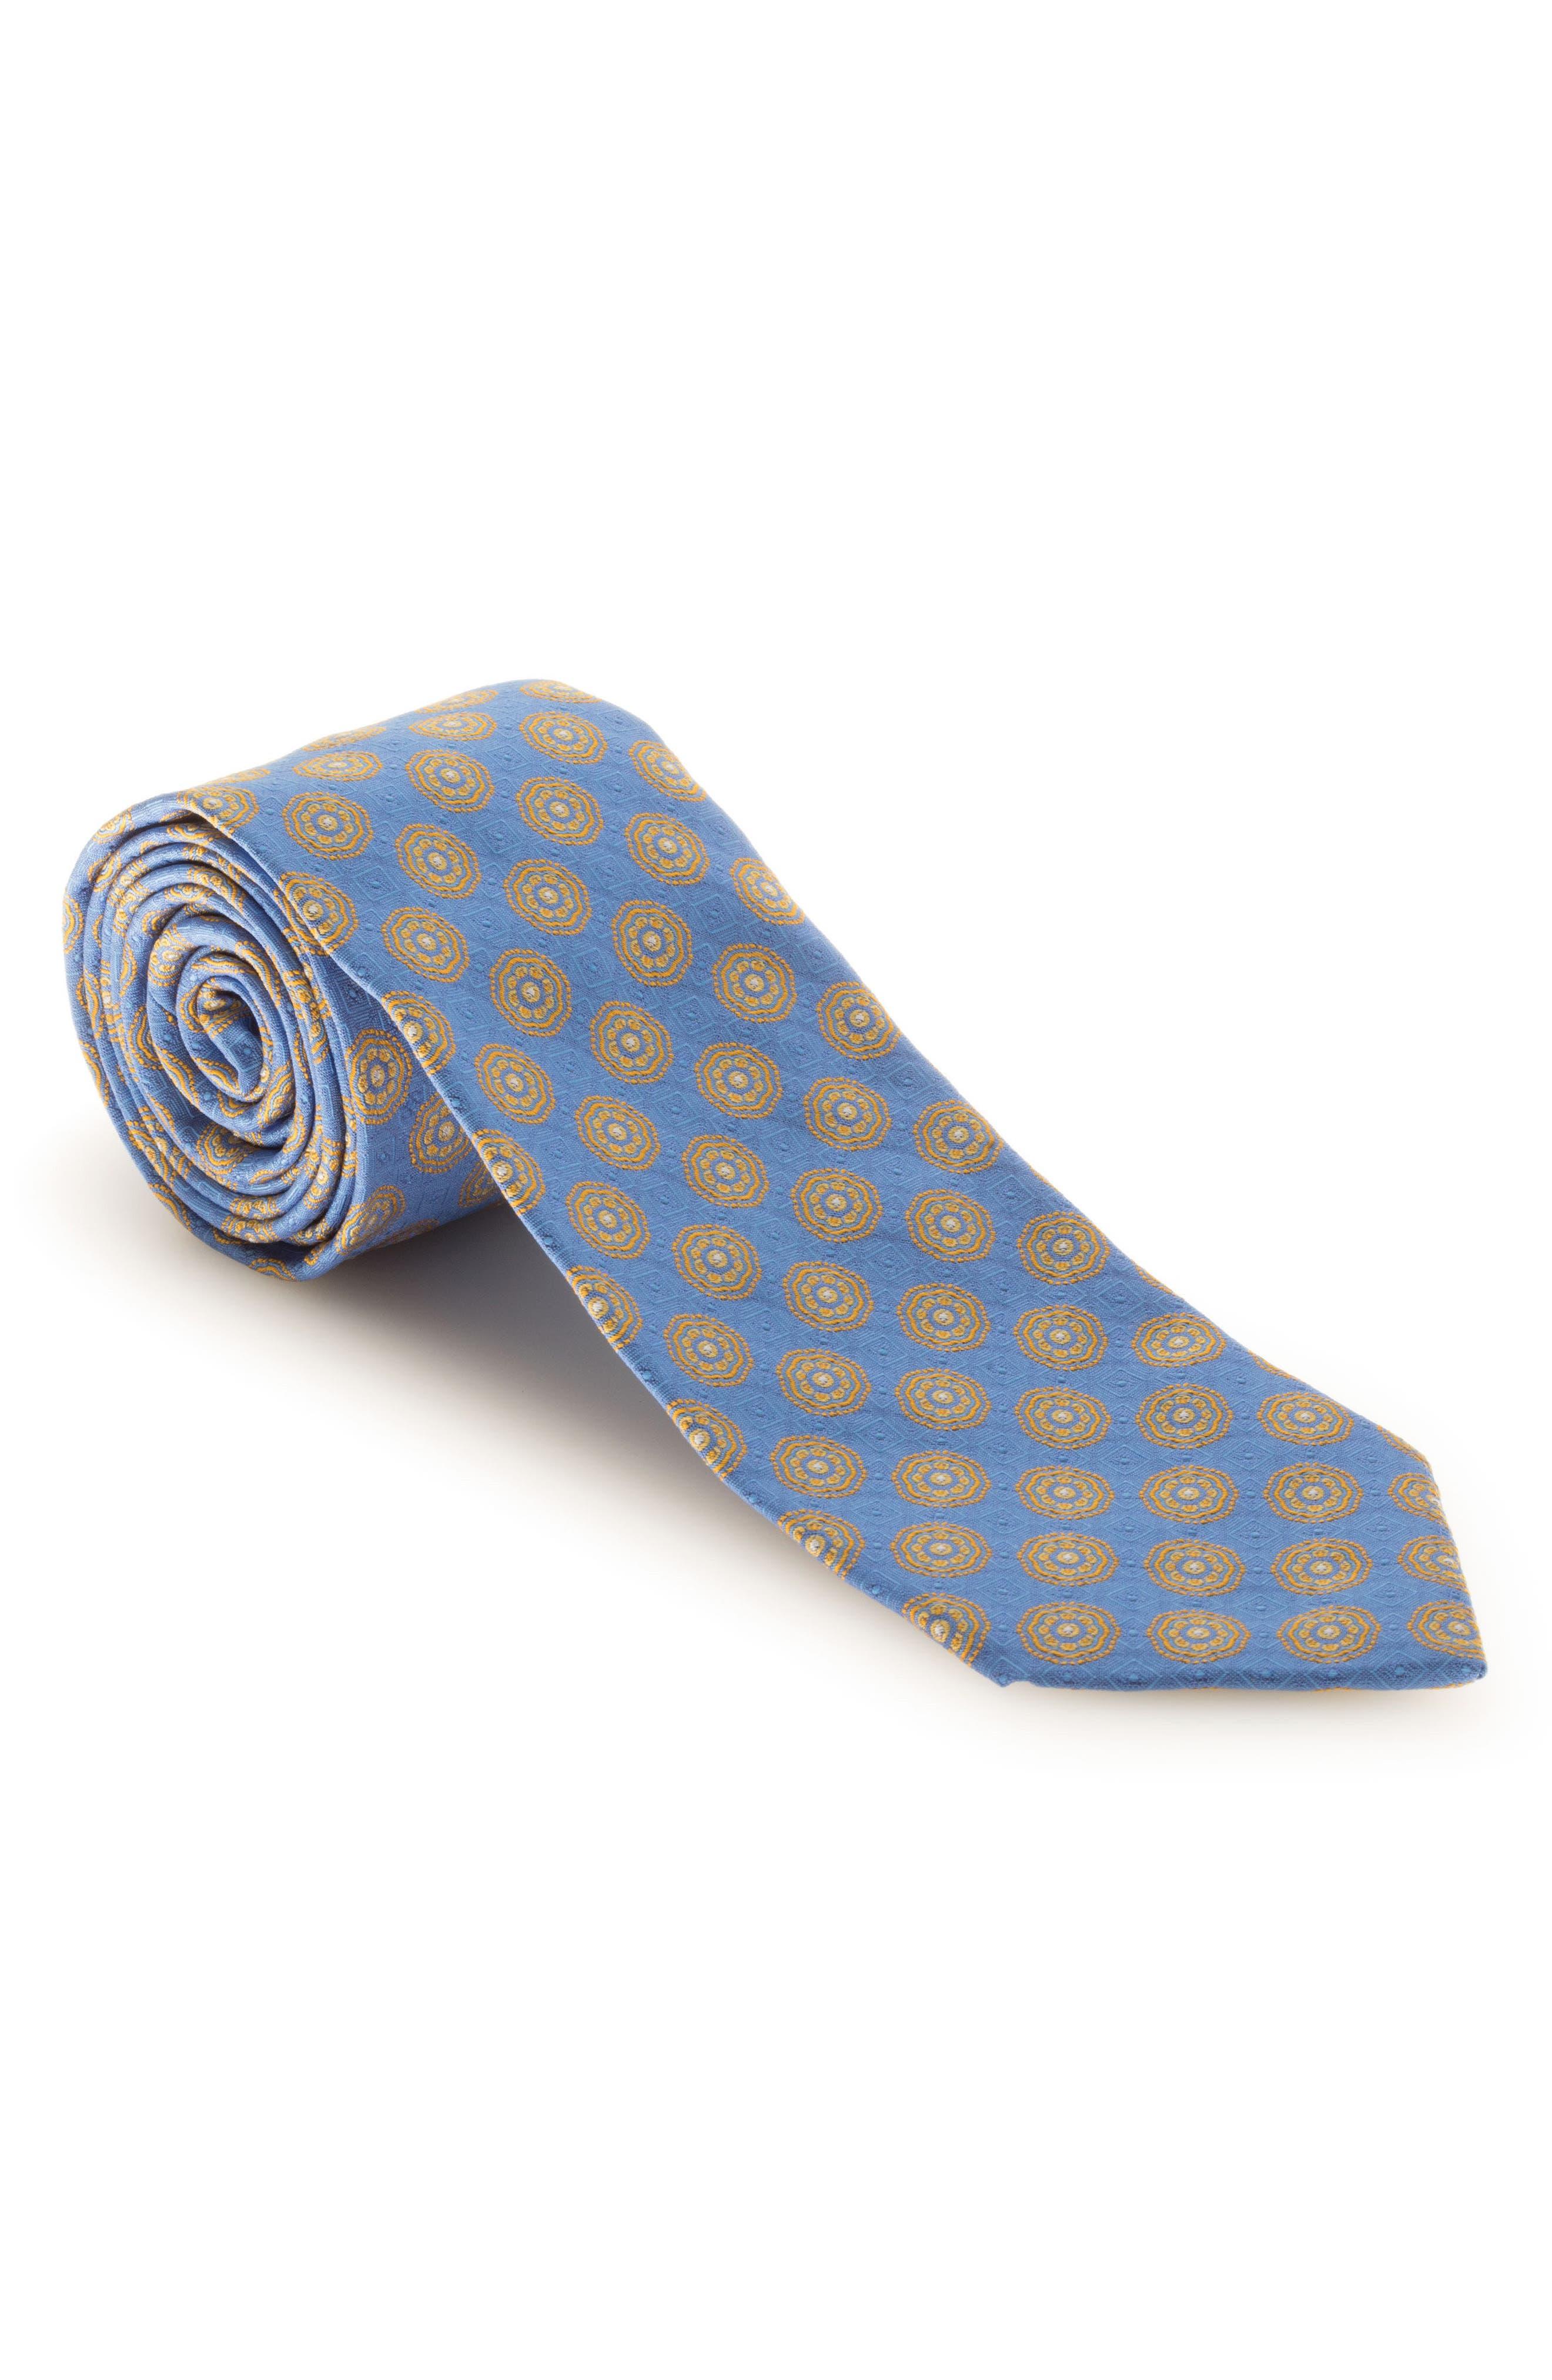 Robert Talbott Medallion Silk Tie